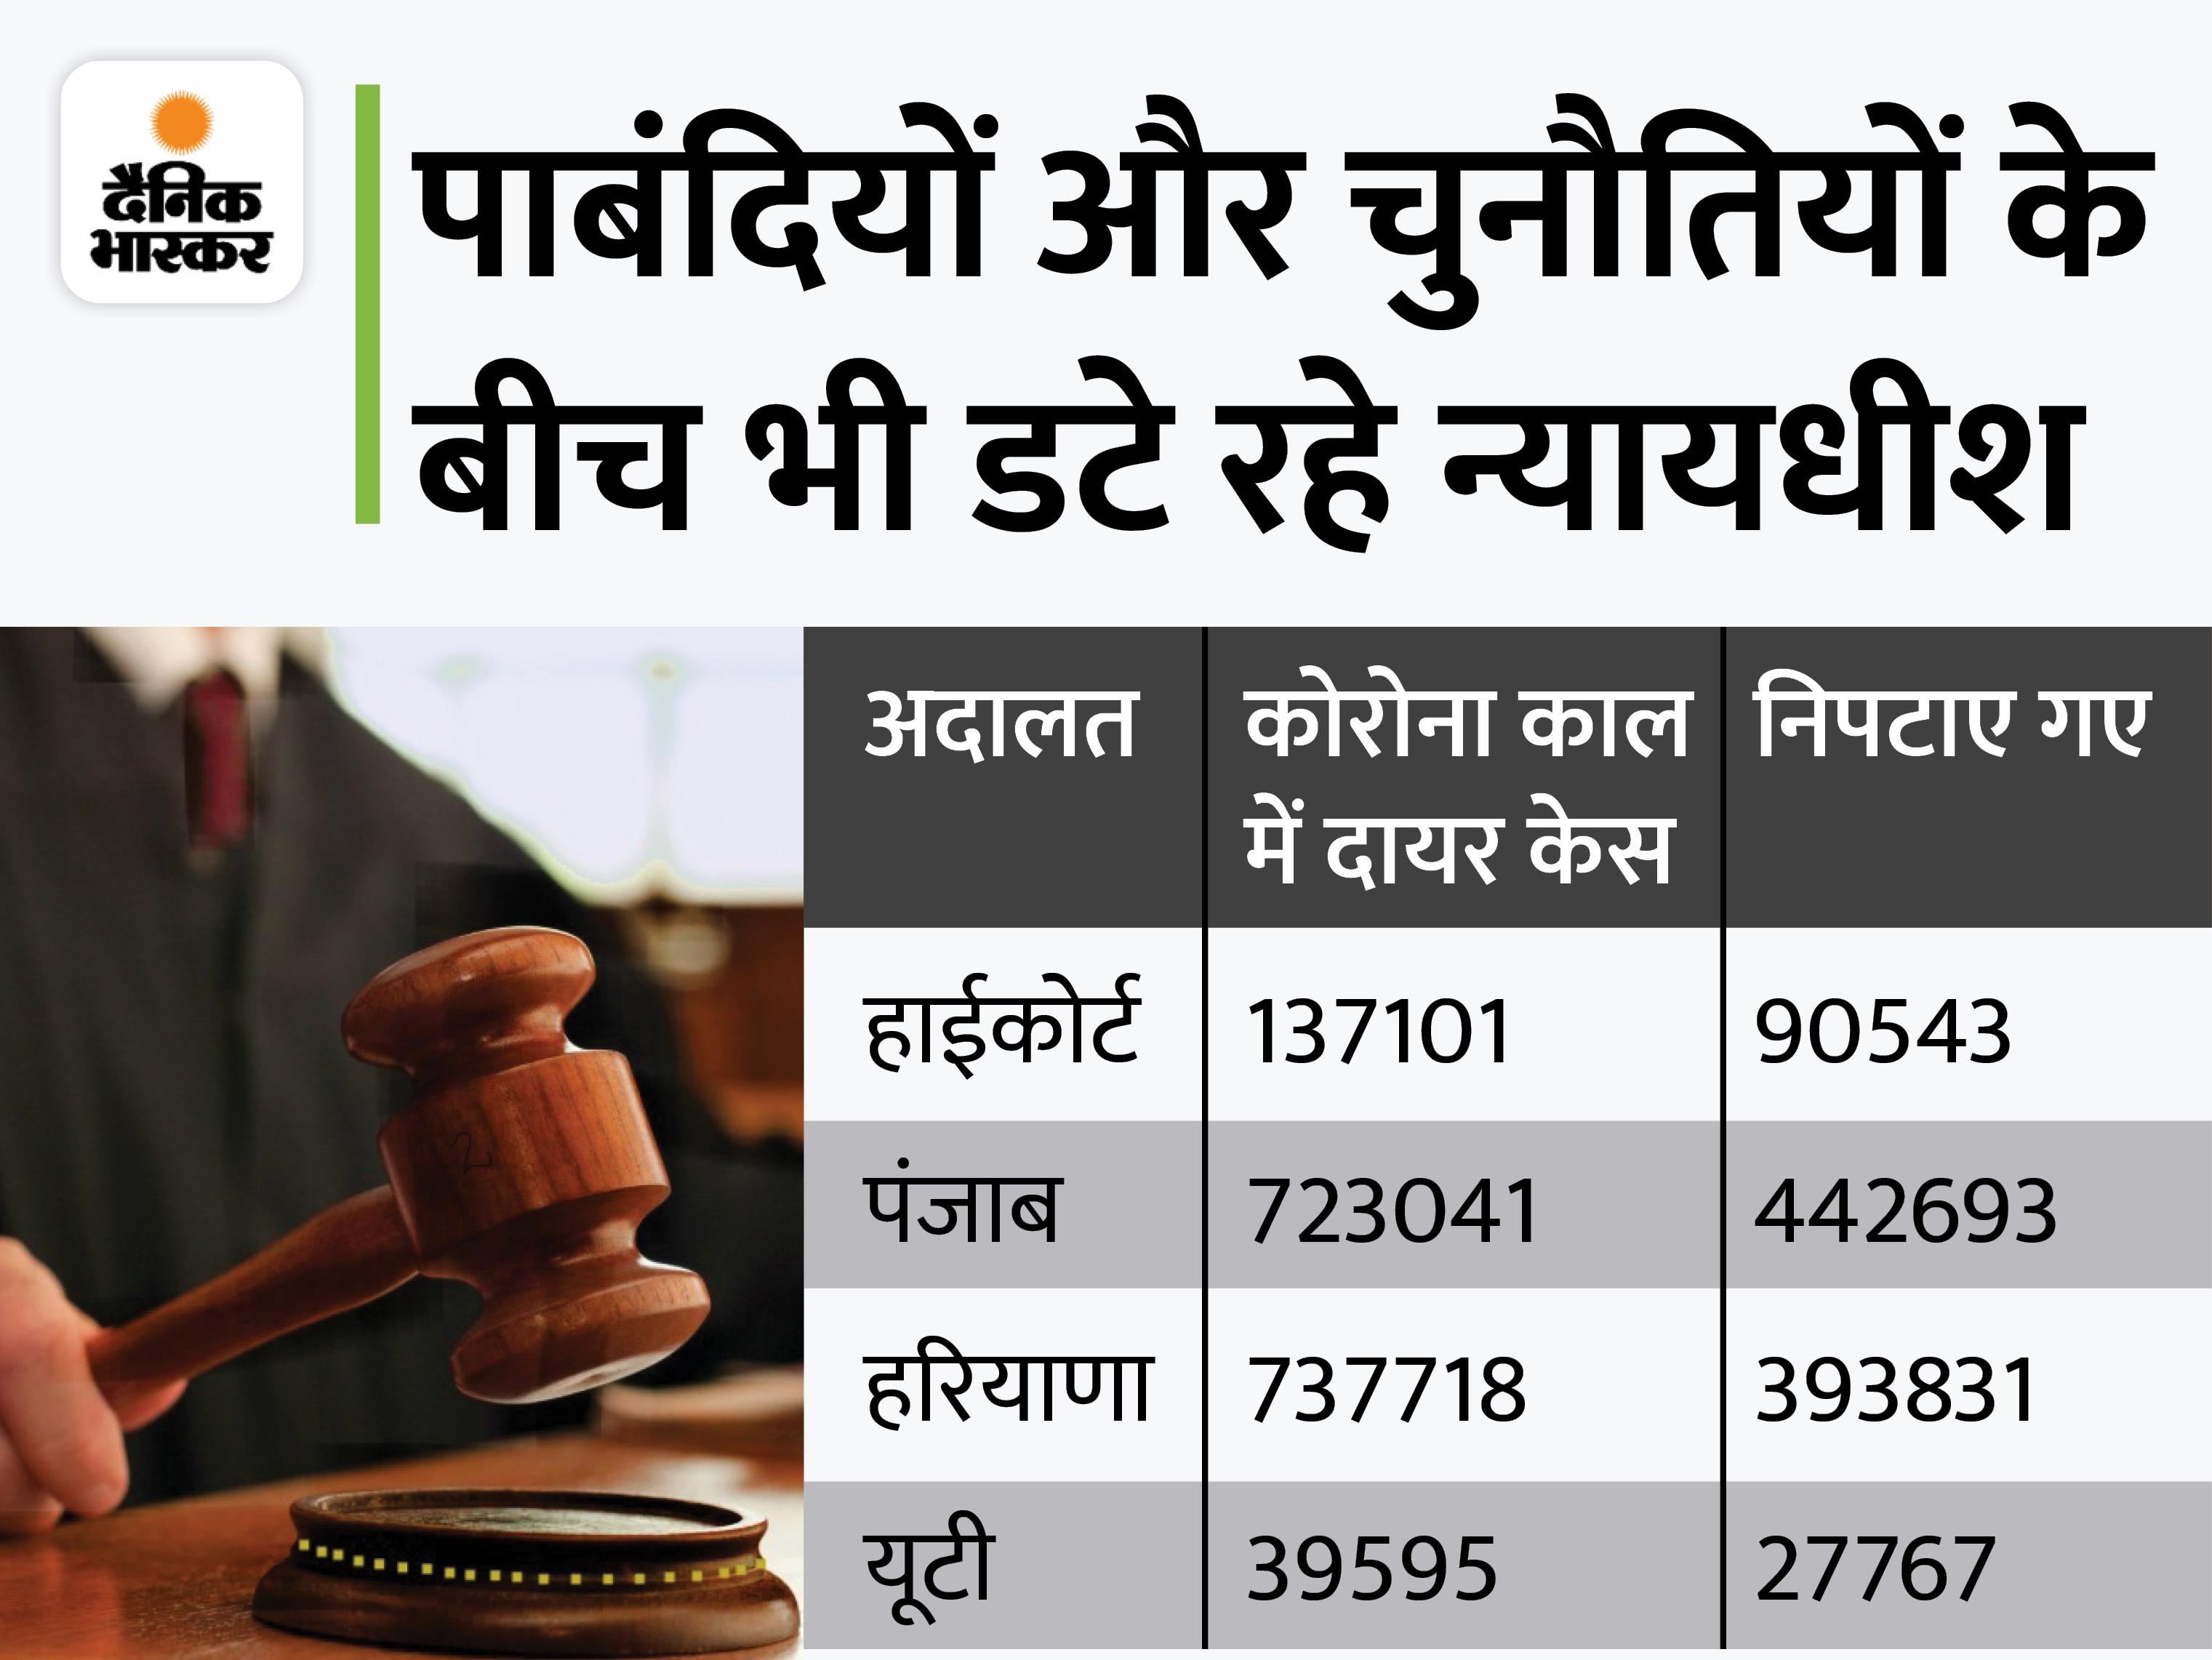 कोरोना काल में दाखिल मामलों में से HC ने 66%, पंजाब ने 61%, चंडीगढ़ ने 70%, और हरियाणा ने 53% याचिकाओं पर सुनाया फैसला|चंडीगढ़,Chandigarh - Dainik Bhaskar